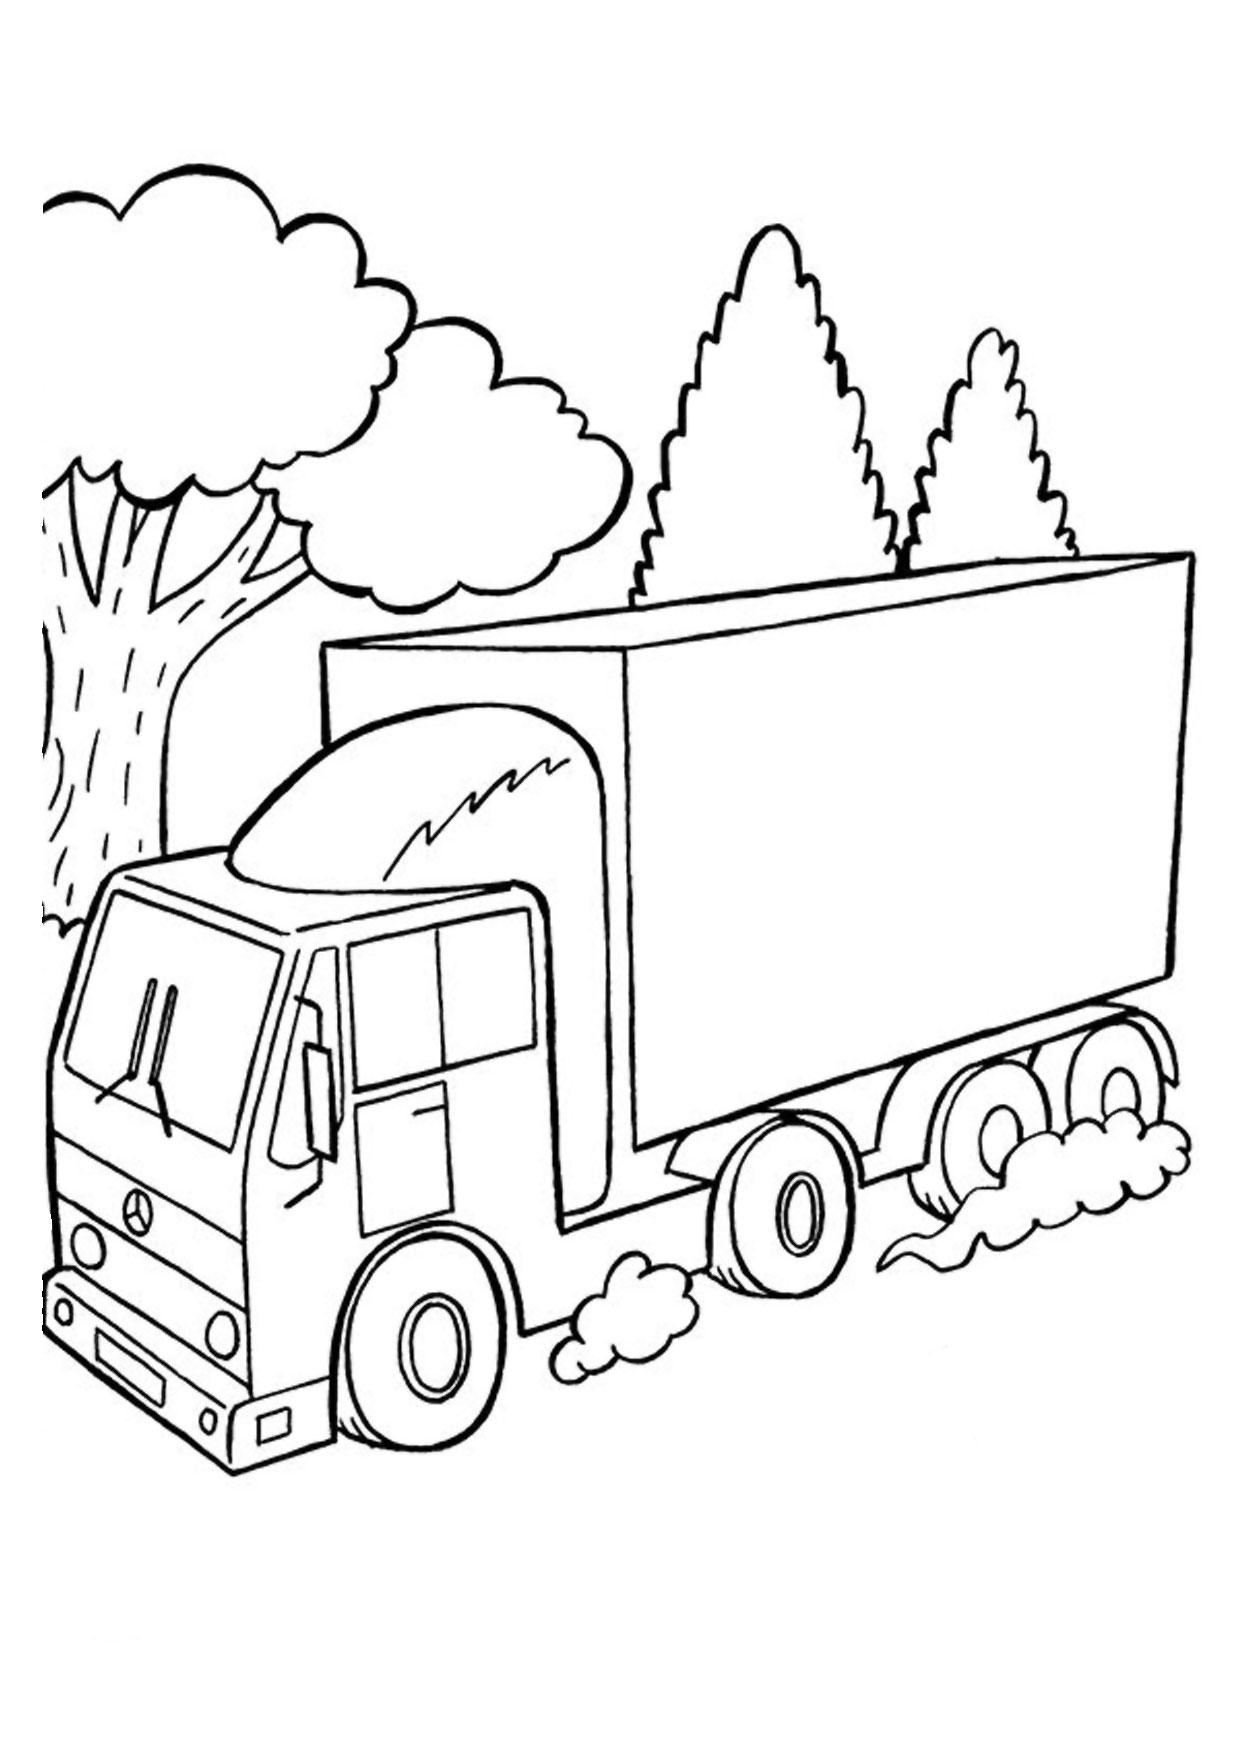 Disegno di camion da colorare 41